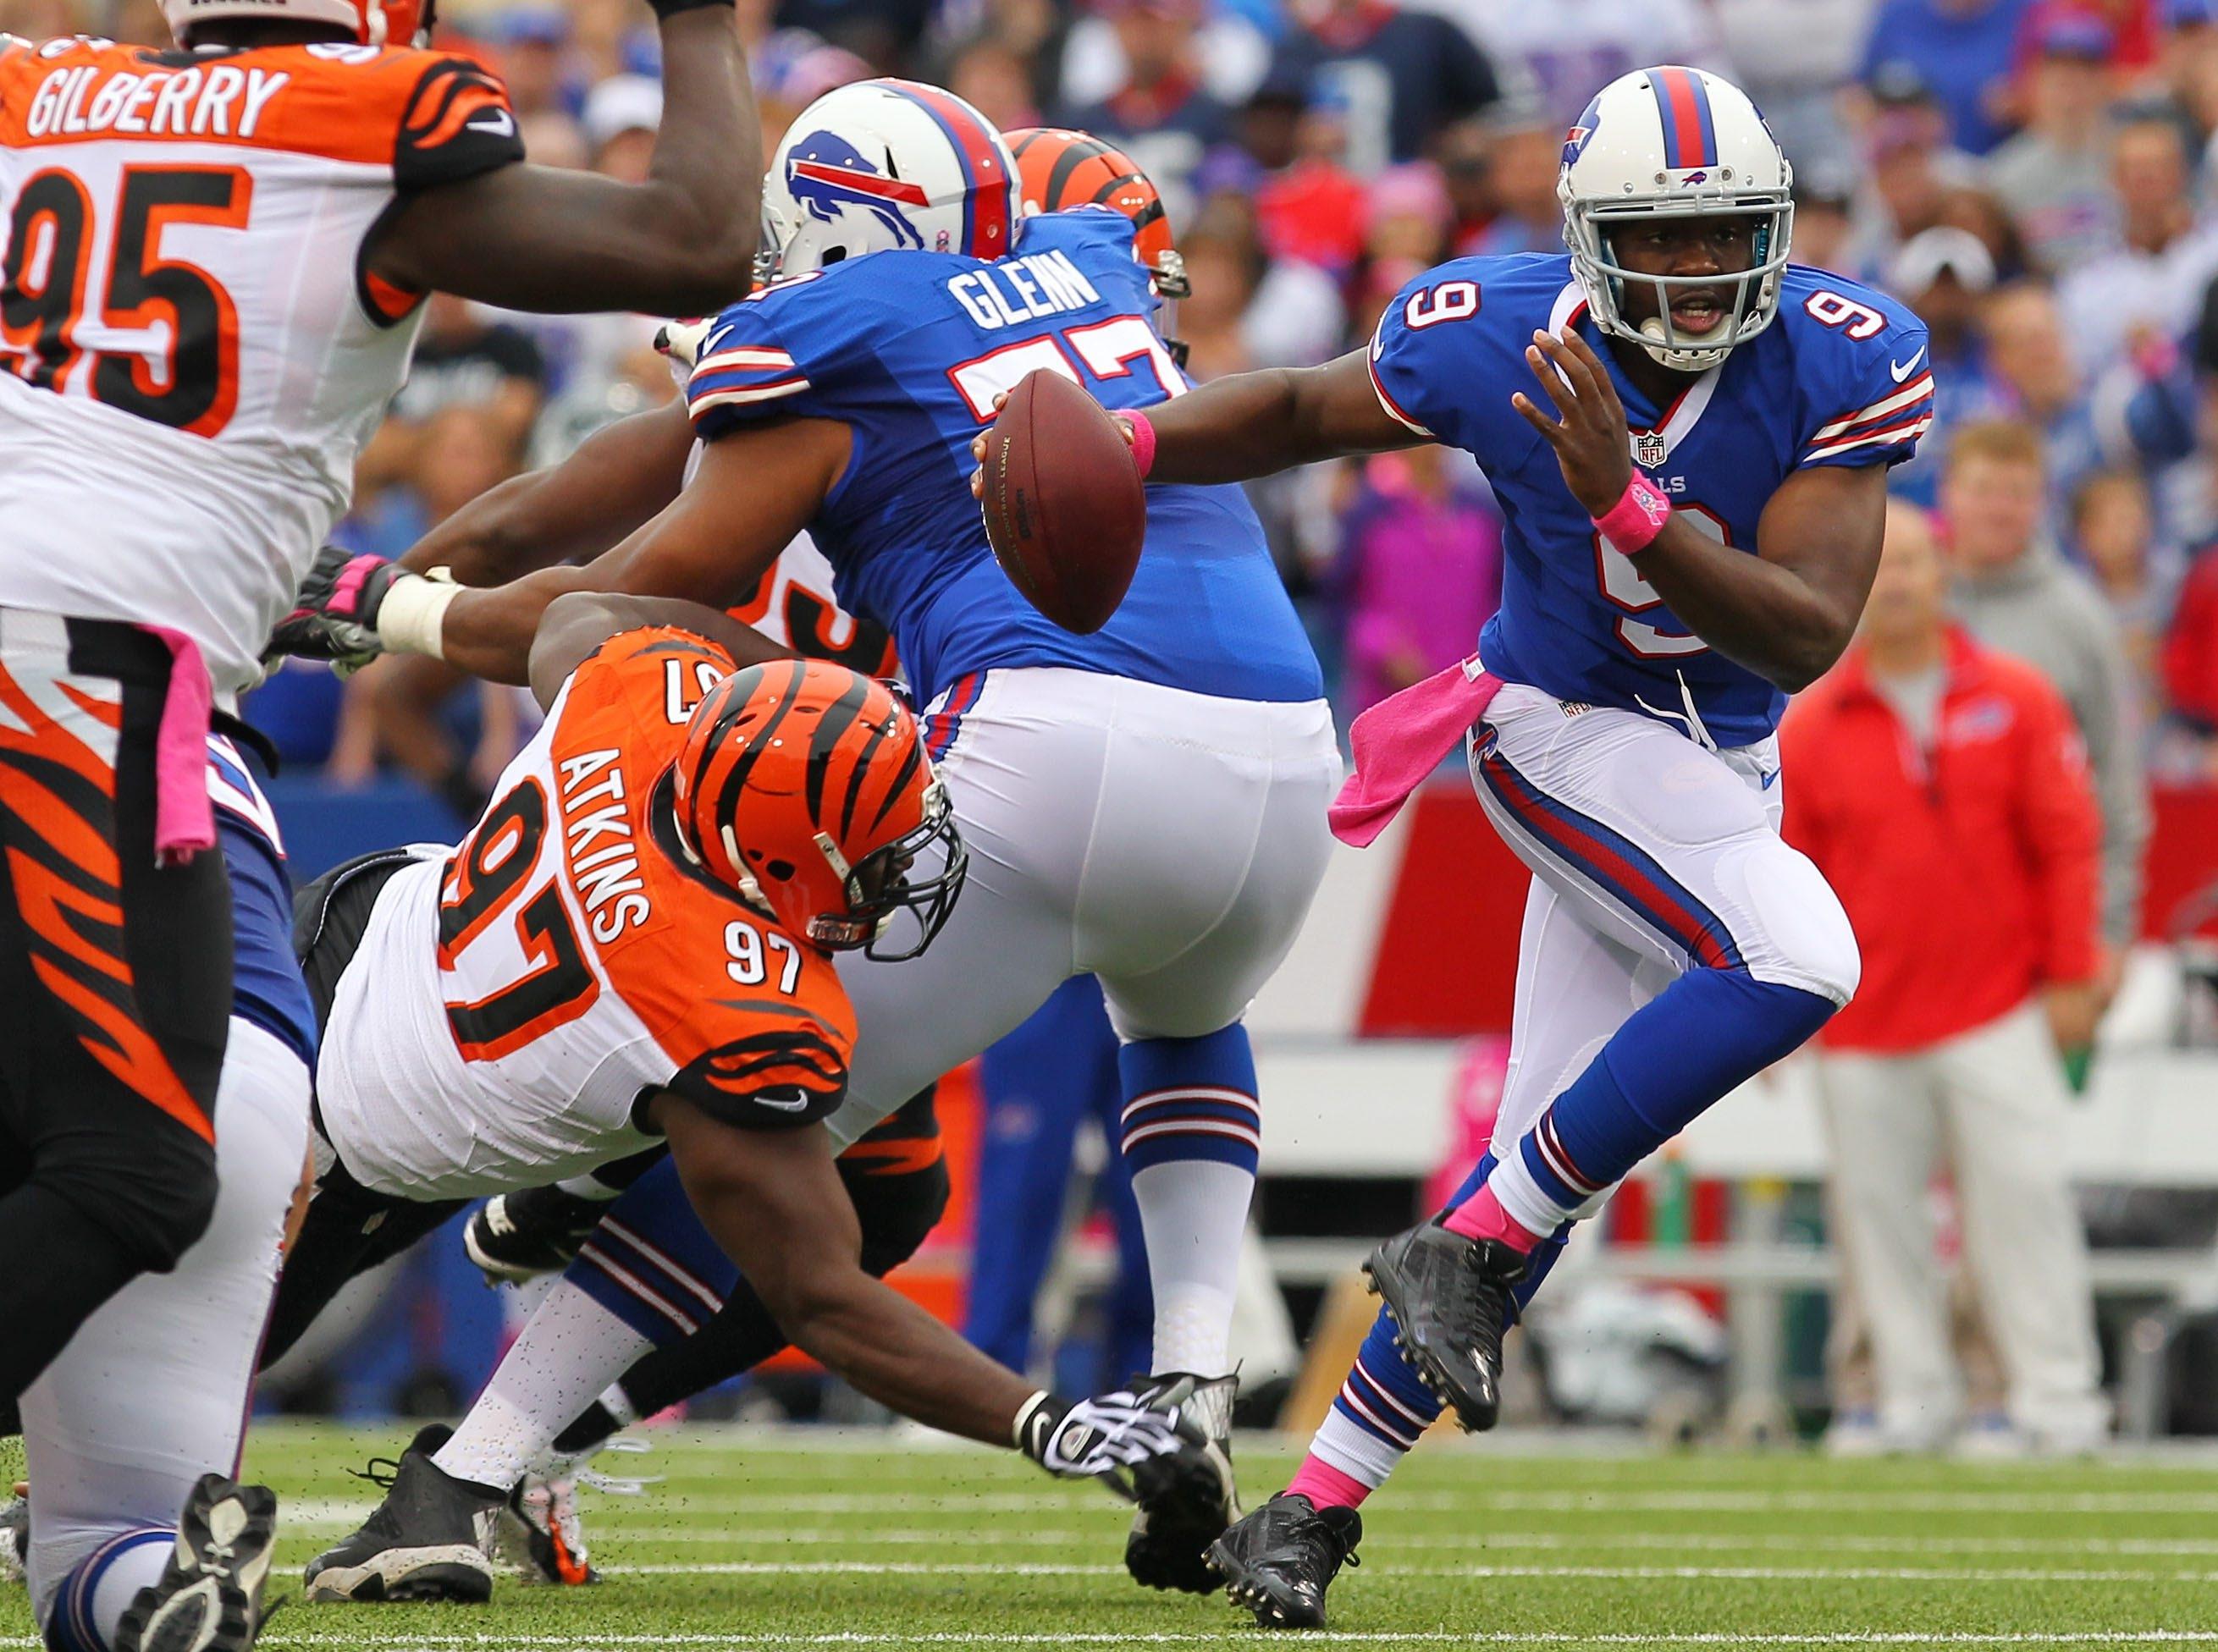 Bills quarterback Thad Lewis escapes the pressure of the Bengals' Geno Atkins on a first-quarter scramble.